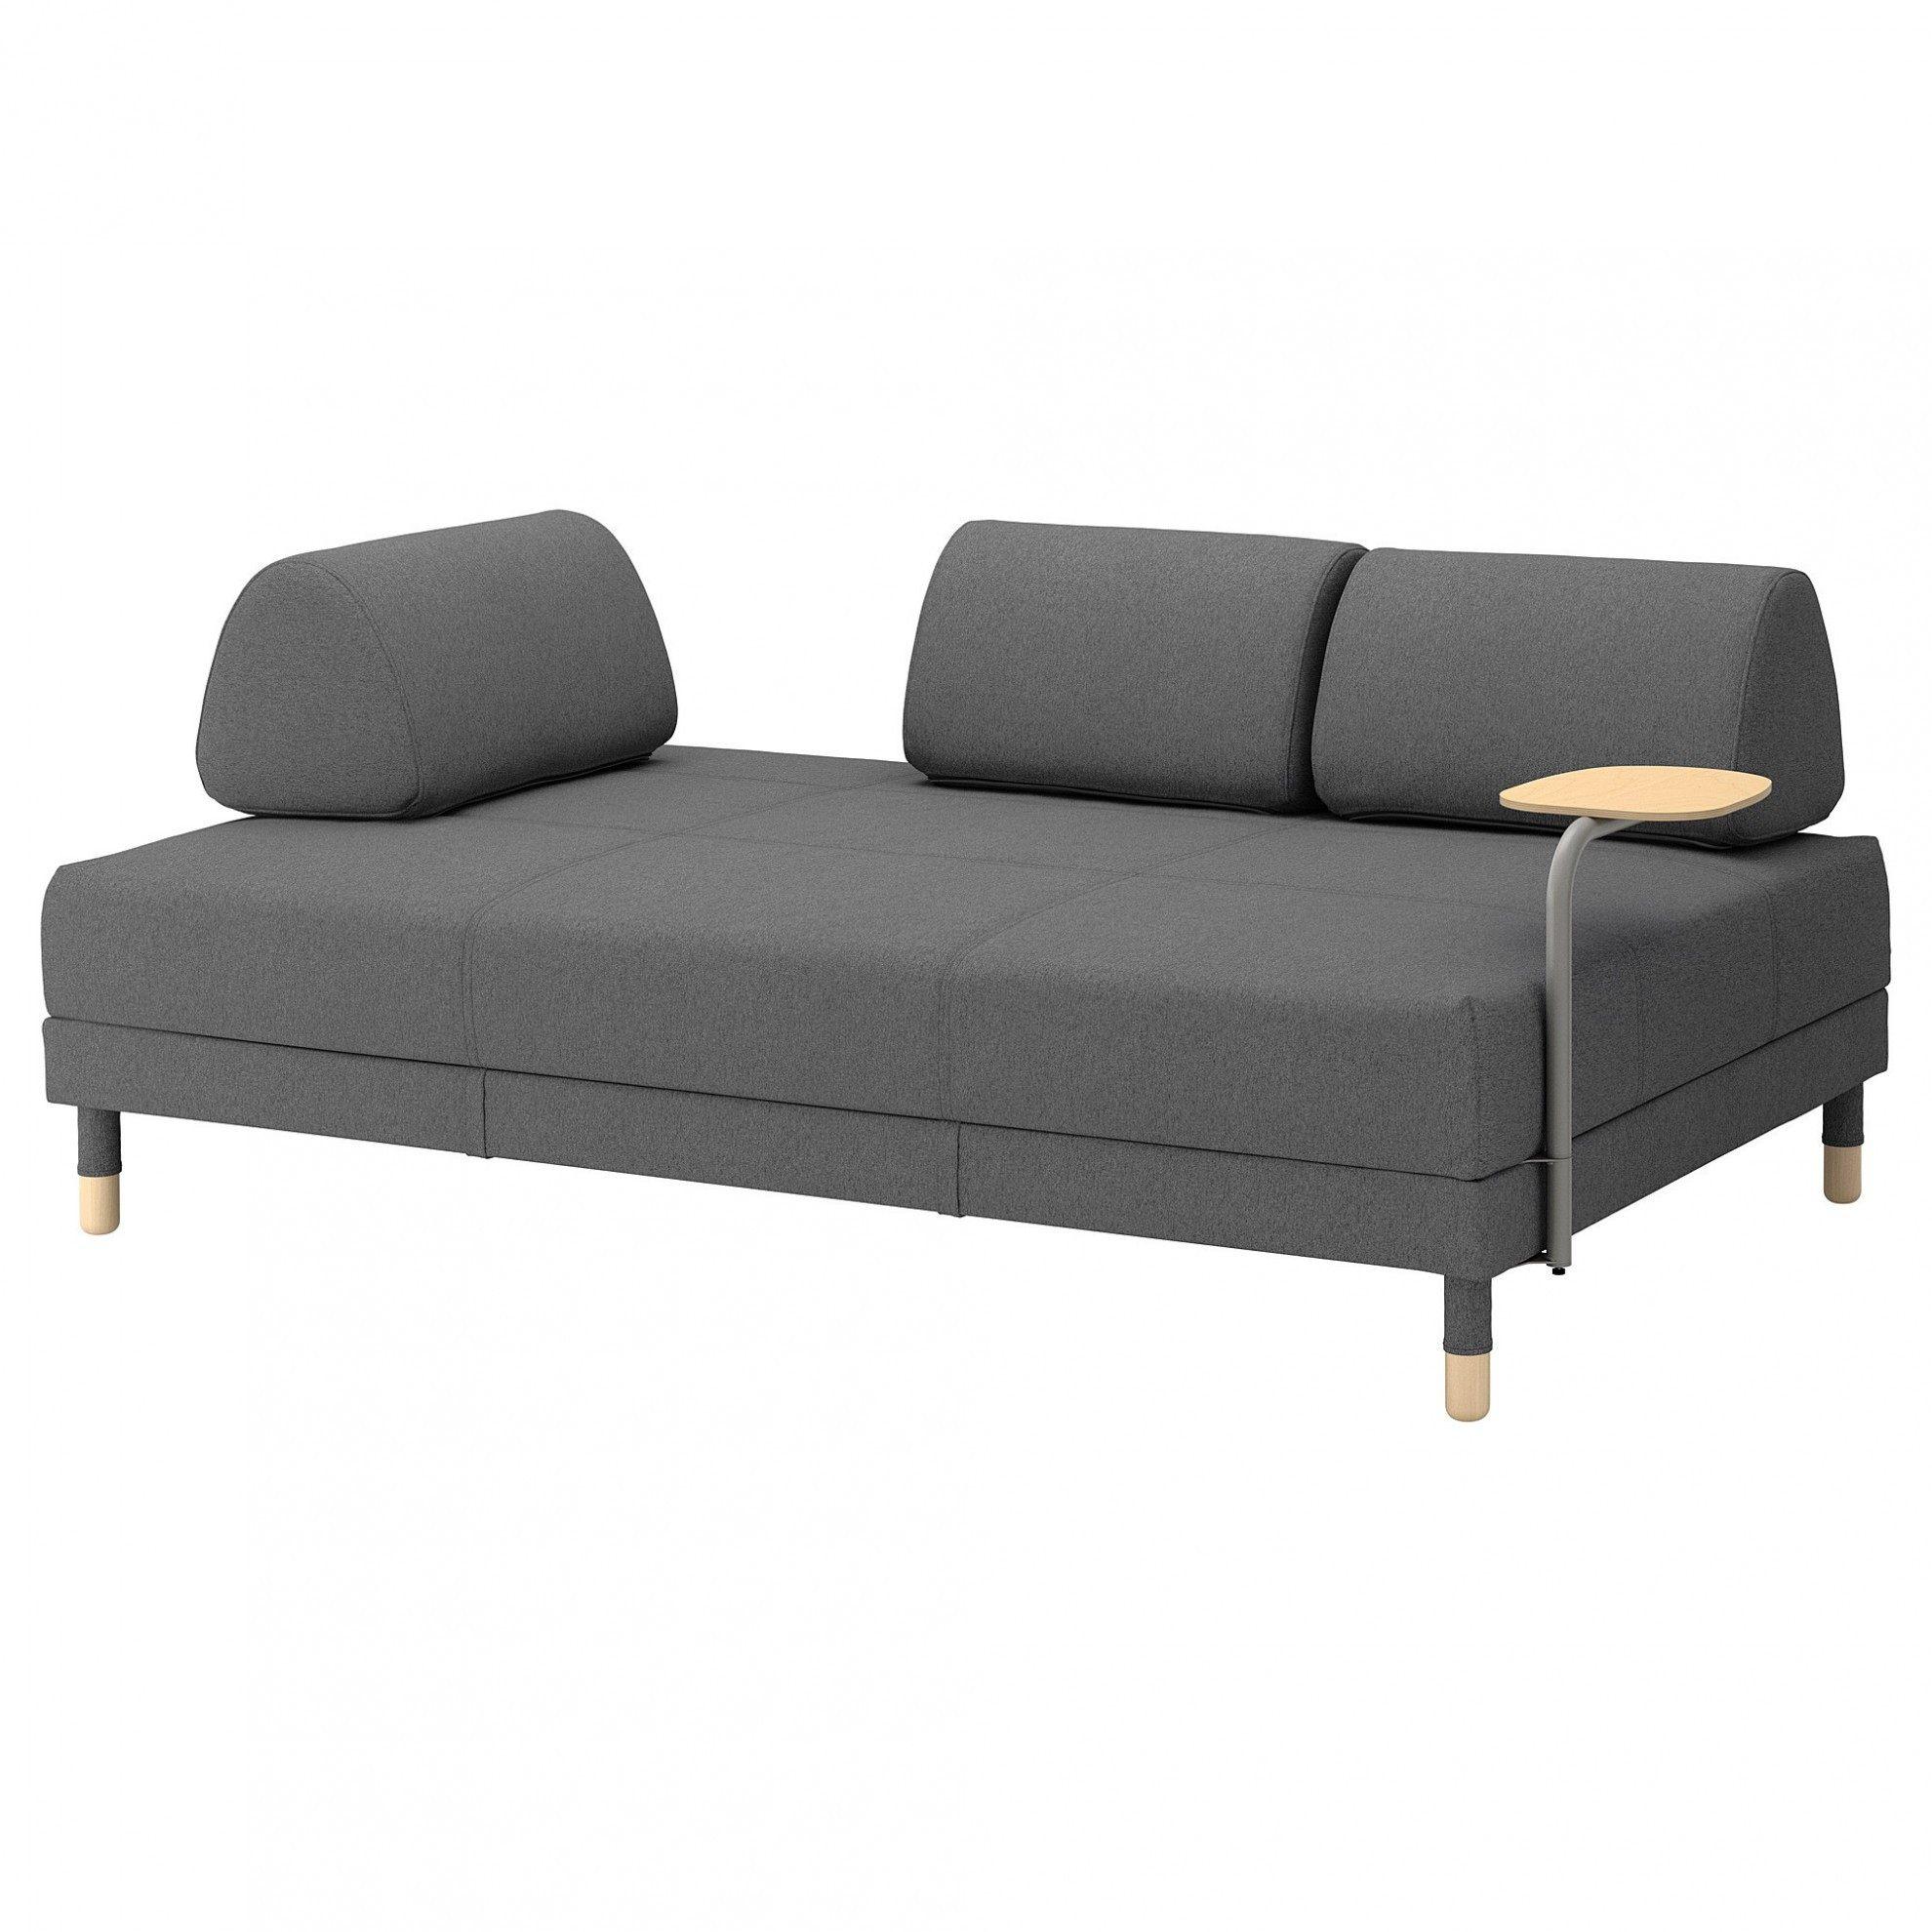 Lit Superposé Evolutif Nouveau Entra Nant Lit Superposé Avec Canapé Sur Lit Biné Armoire Fresh Lit